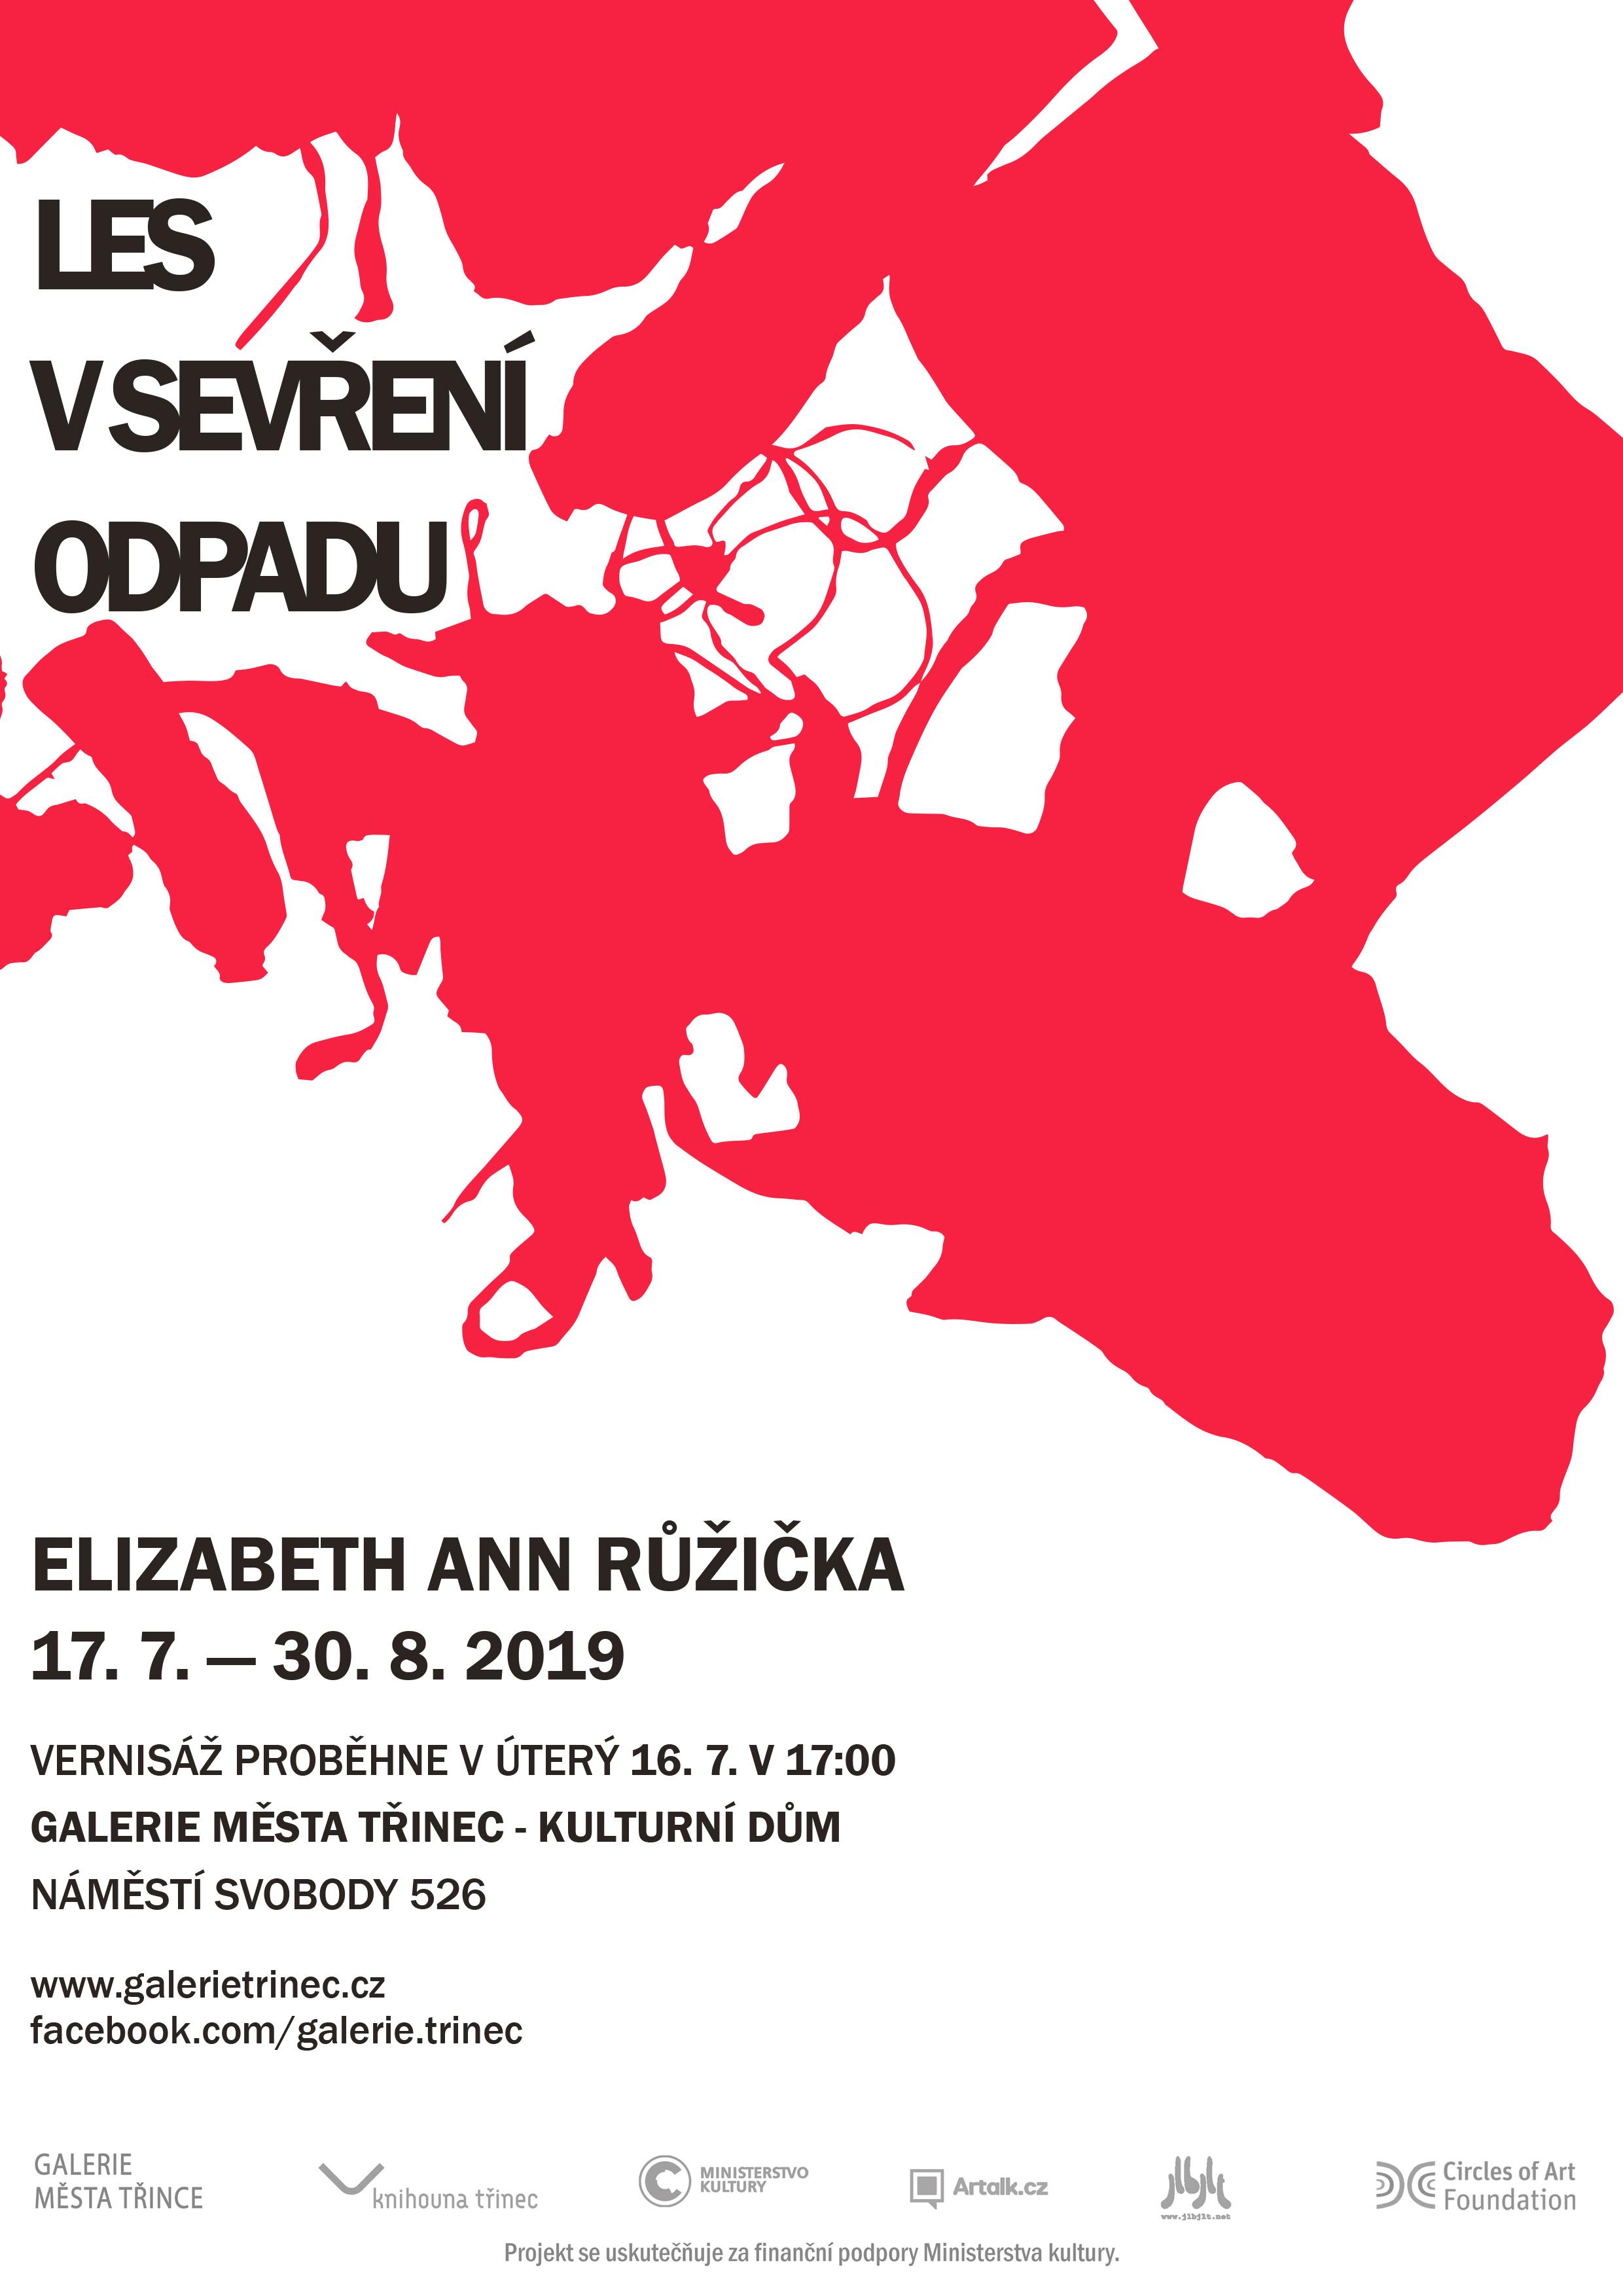 Elizabeth Ann Růžička: Les v sevření odpadů